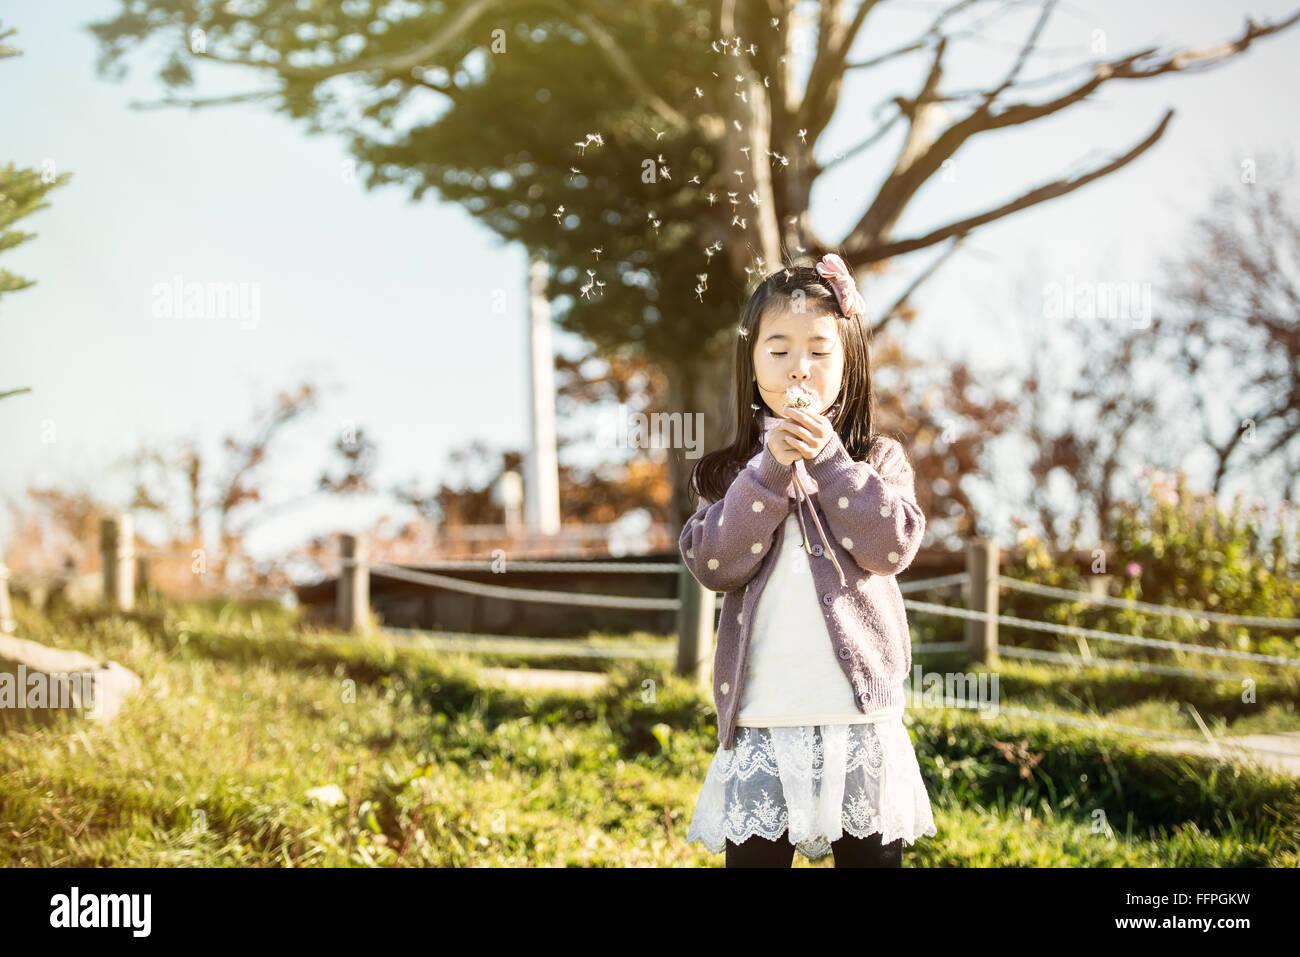 L'Asie, l'enfant qui souffle dans un pissenlit dans un parc. Photo Stock